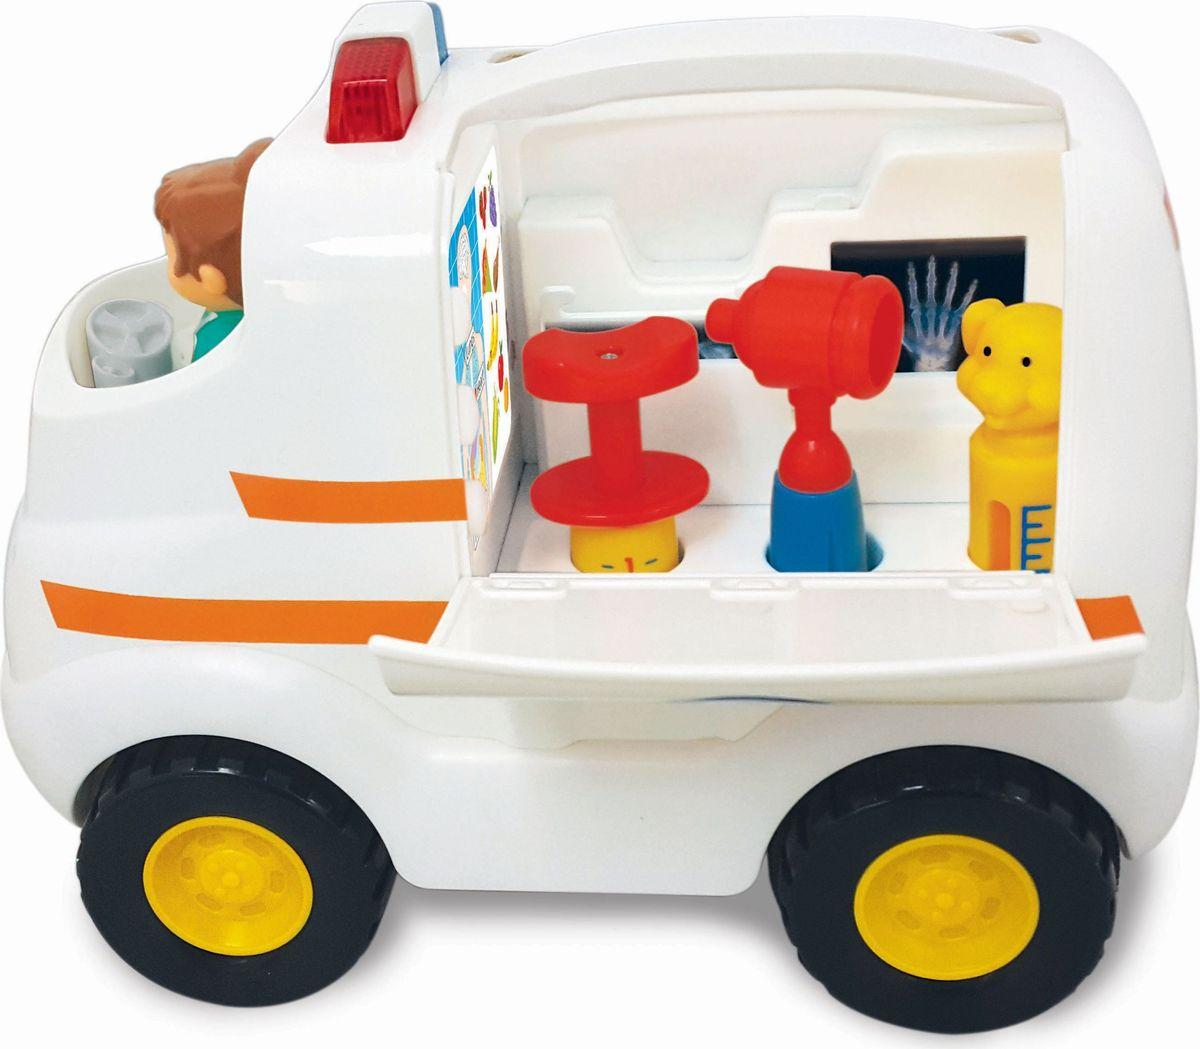 Kiddieland Развивающая игрушка Скорая помощь kiddieland развивающая игрушка забавная камера